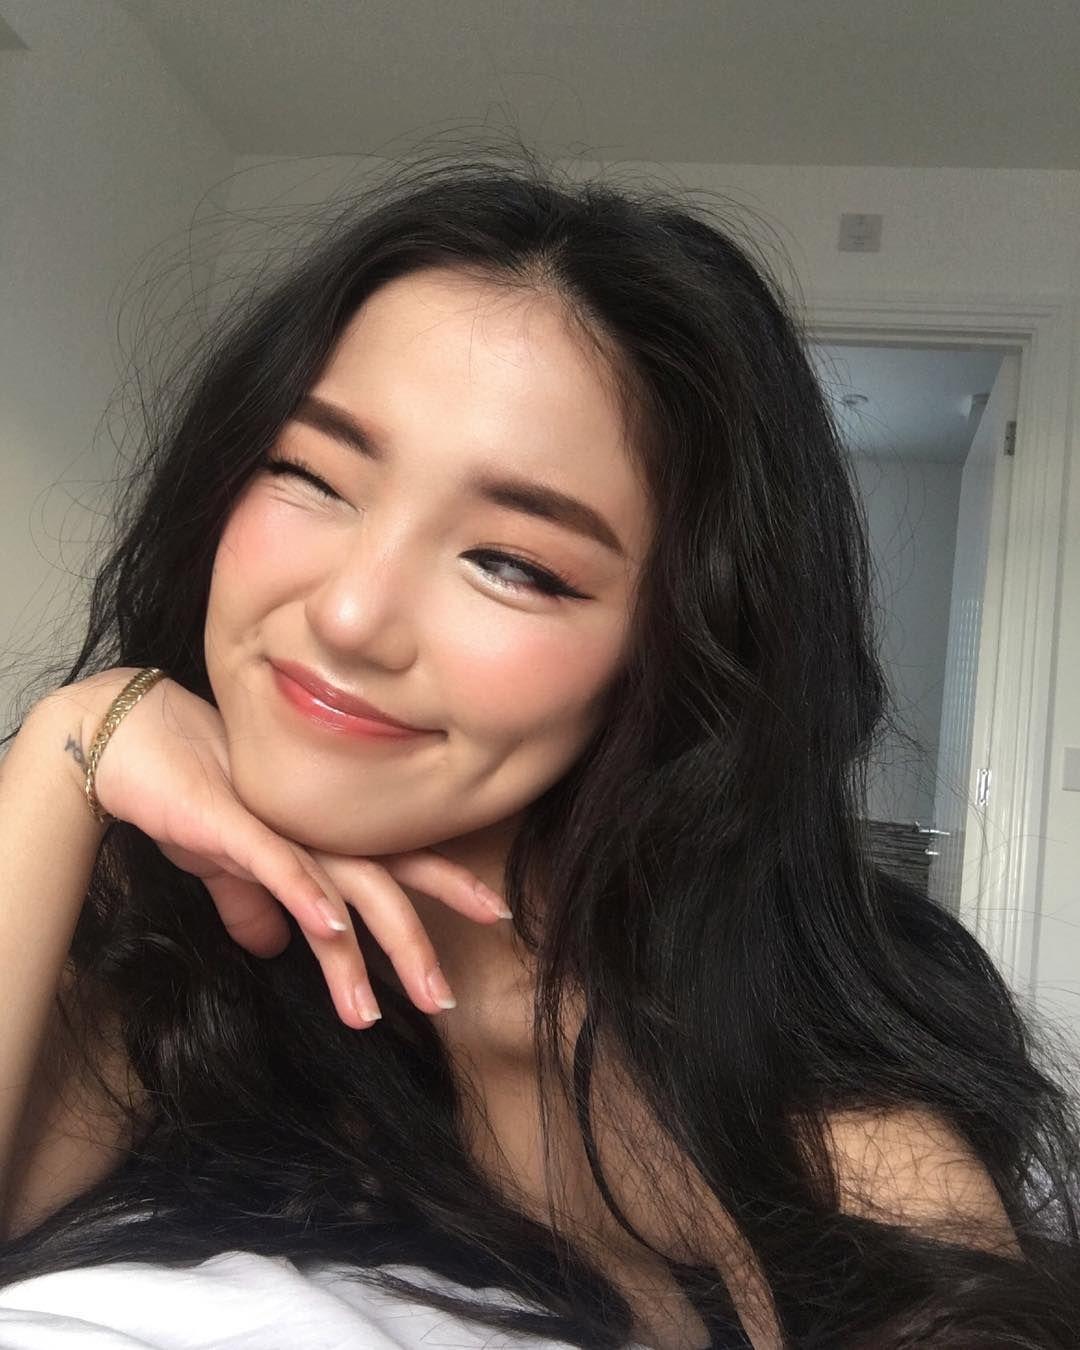 """Niwa on Instagram """"groovy ᵉᵛᵉʳʸʷʰᵉʳᵉ"""" Ulzzang makeup"""